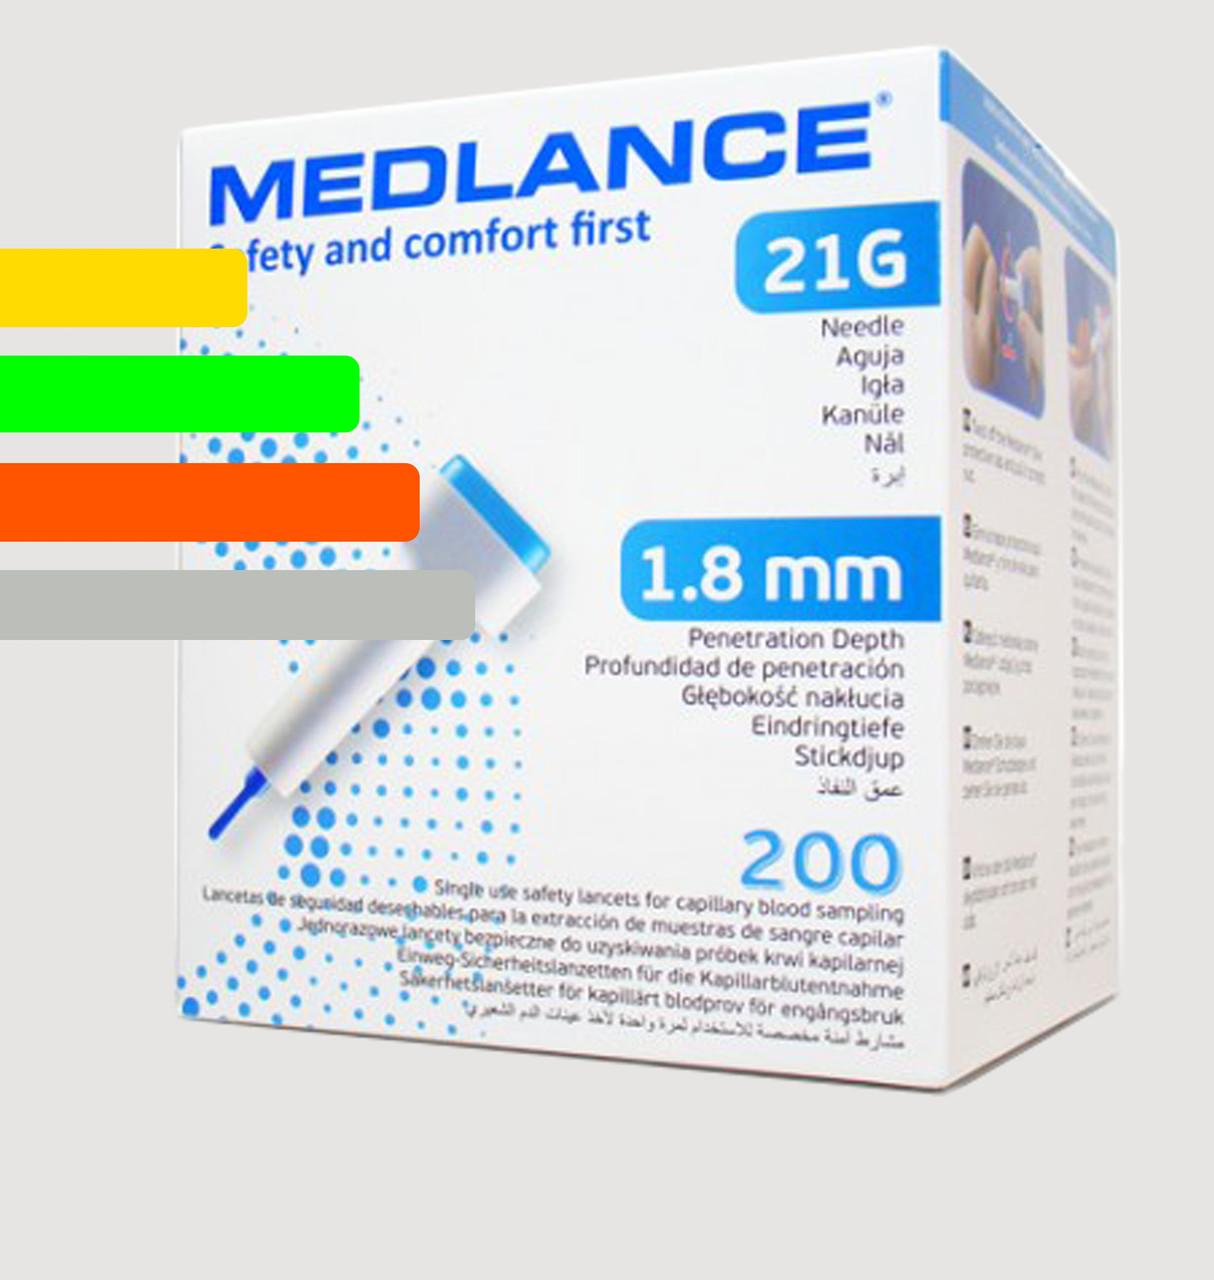 Ланцеты MEDLANCE с кнопкой, игла 21G, глубина  проникновения 1,8 мм